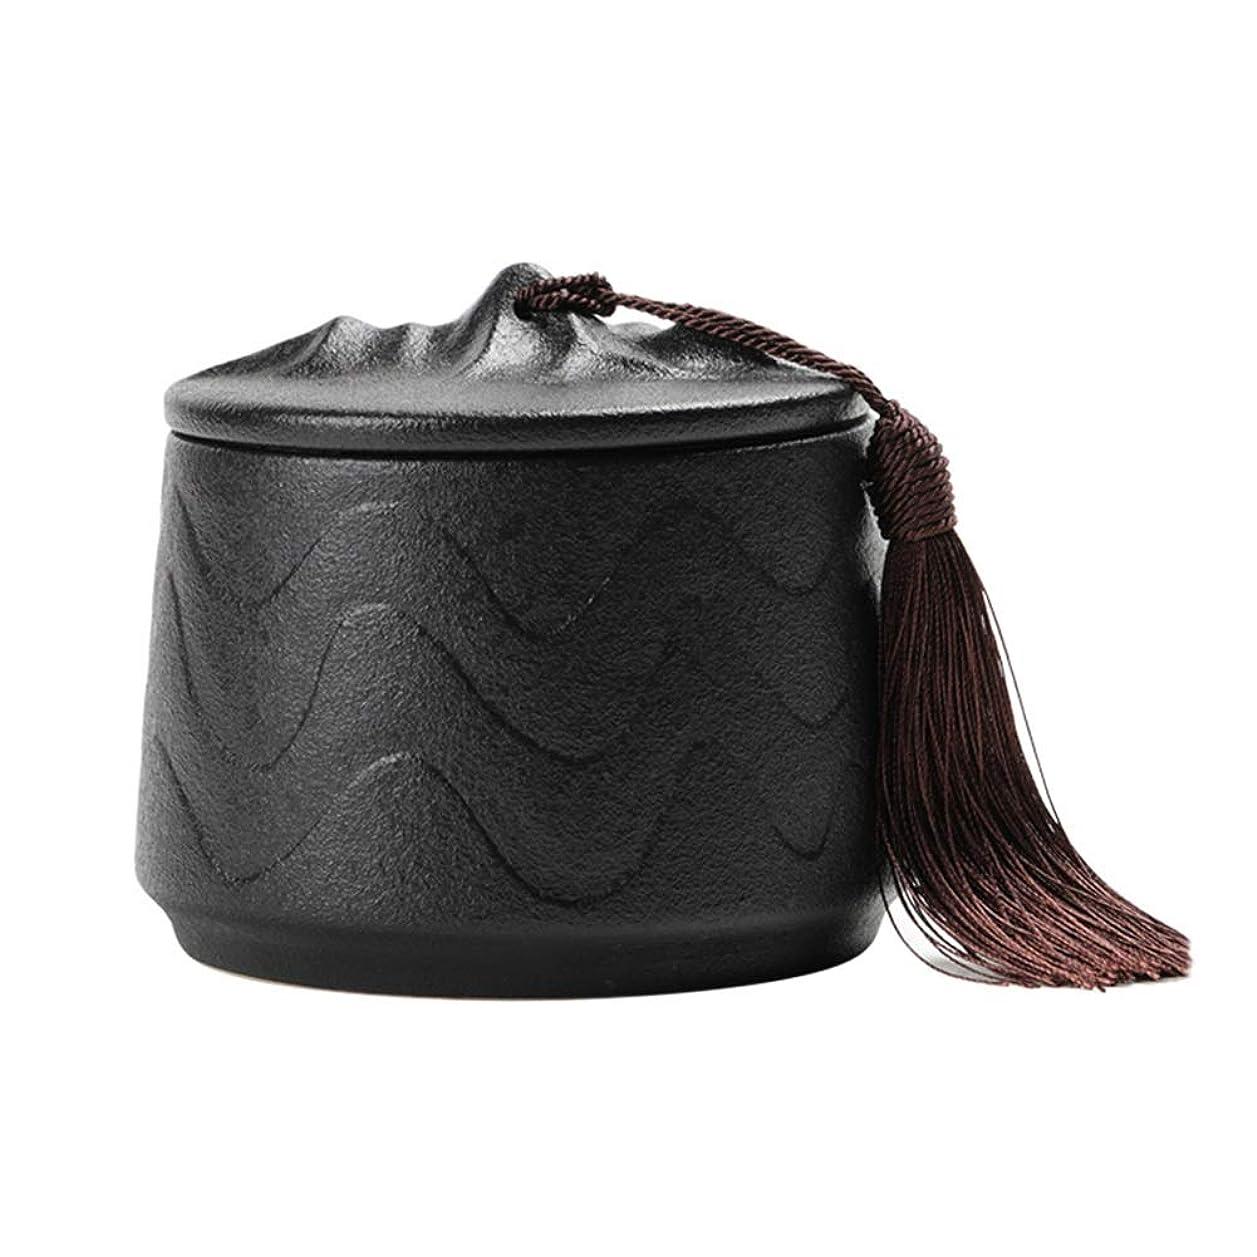 かる恩赦名目上のアッシュ缶 ミニ骨壷火葬大人の子供の灰の貯蔵タンク黒セラミック材料のマットな質感の完璧なお土産、少量の人間の灰 (Color : Black)